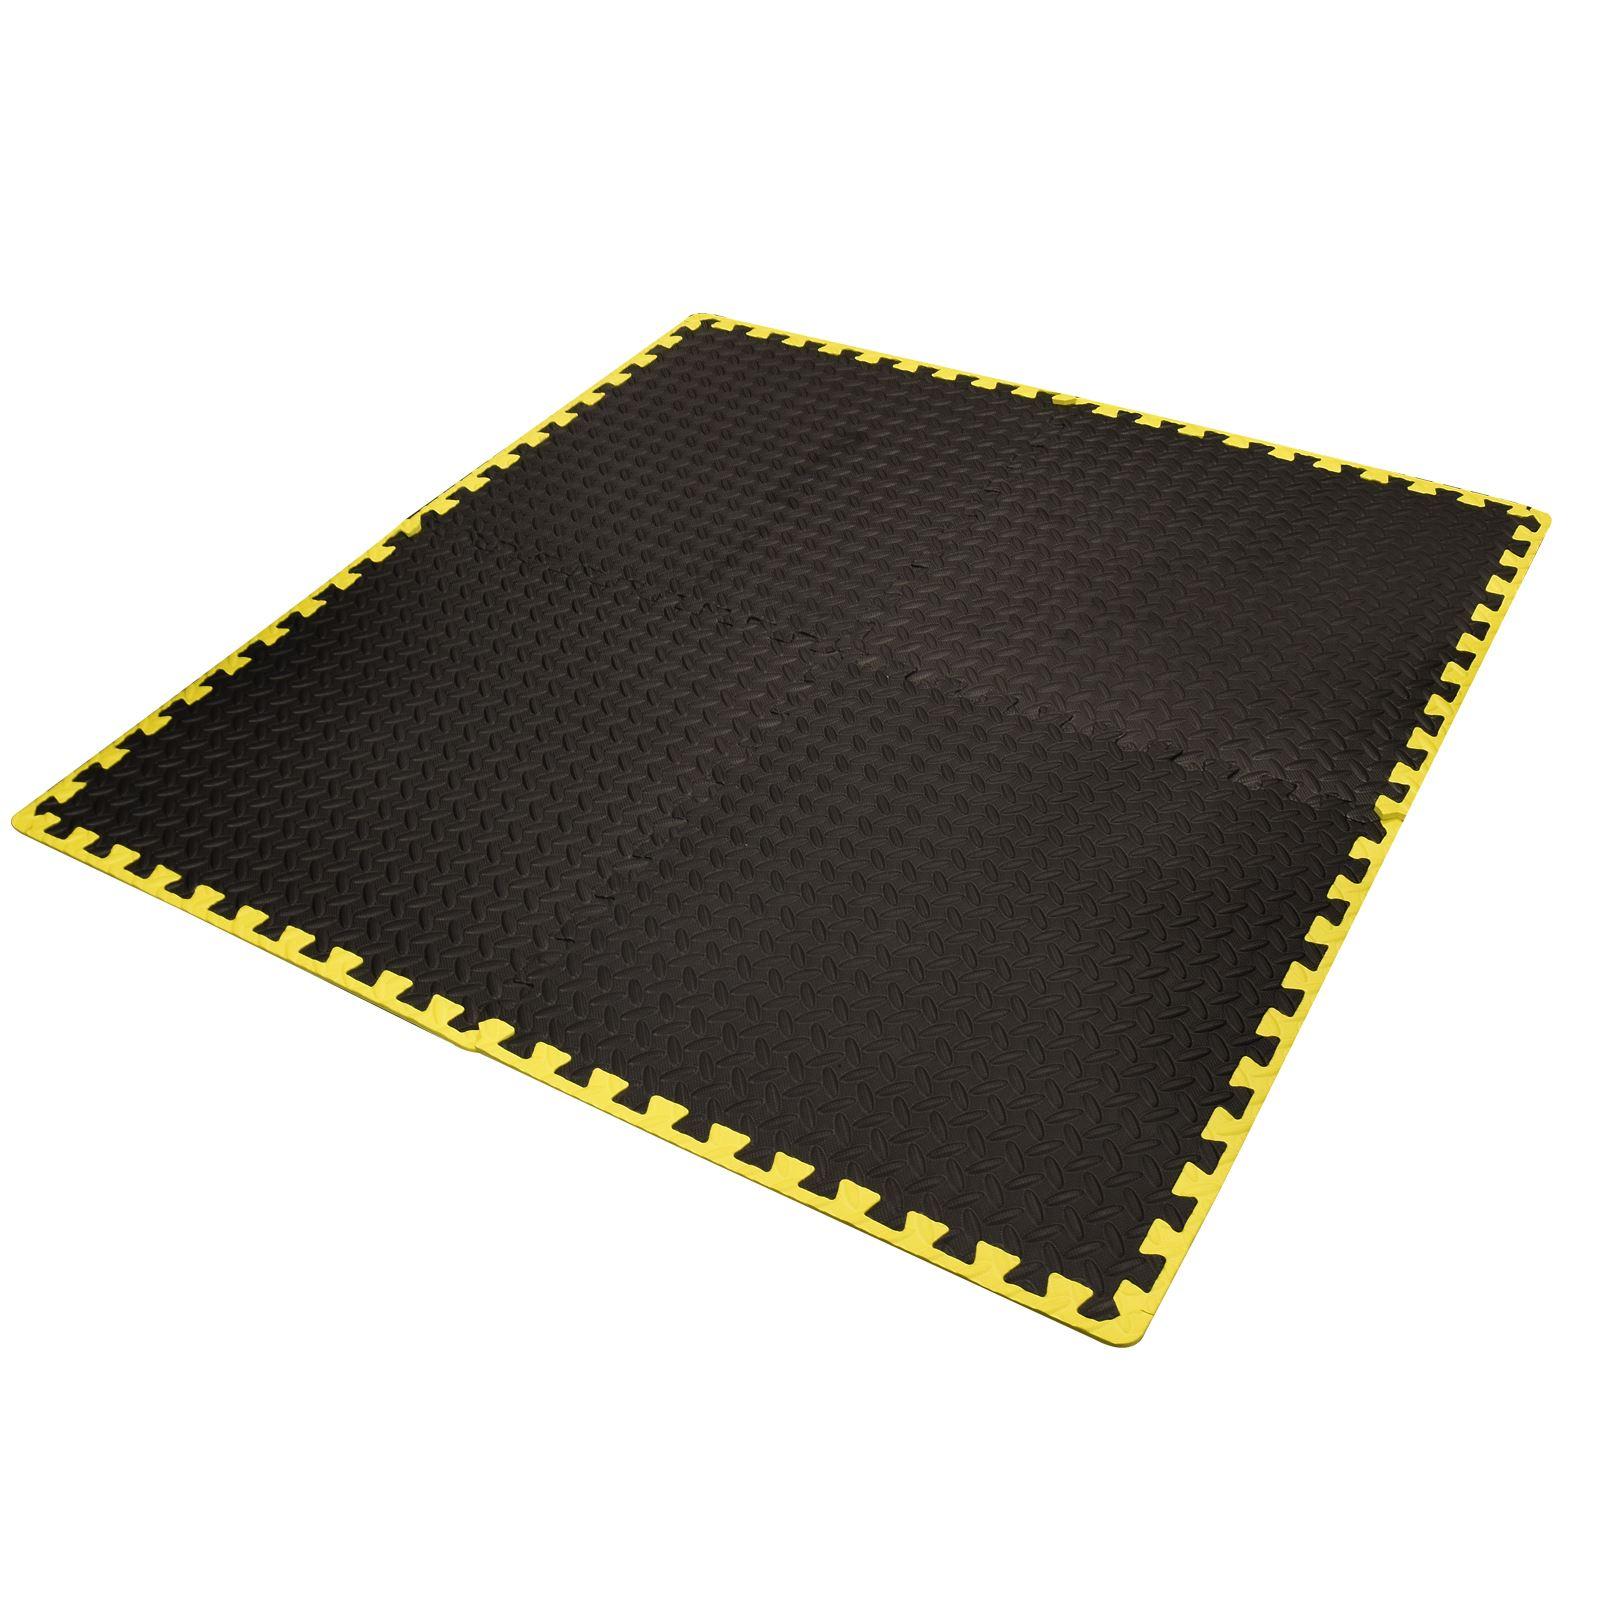 Interlocking eva floor mat soft rubber foam tiles exercise for Foam flooring